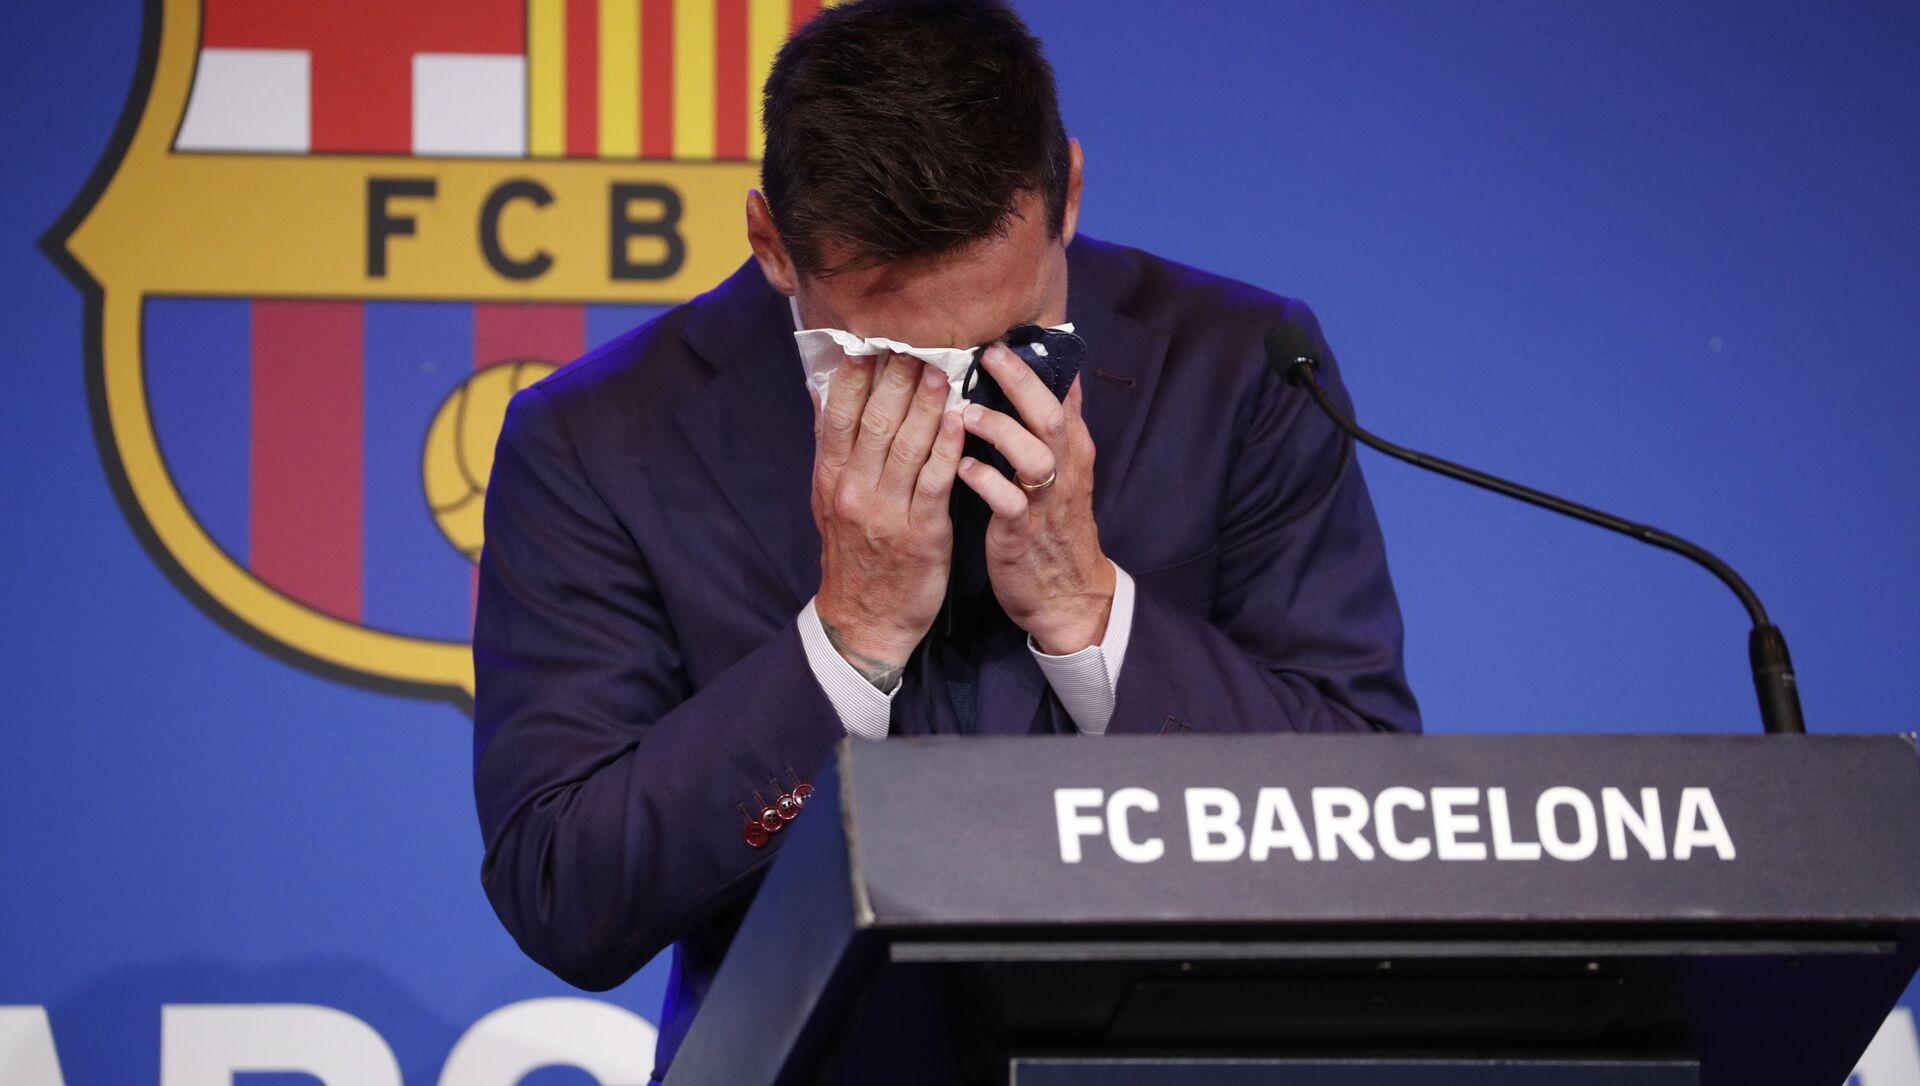 Cầu thủ bóng đá Lionel Messi trong cuộc họp báo ở Barcelona - Sputnik Việt Nam, 1920, 24.08.2021